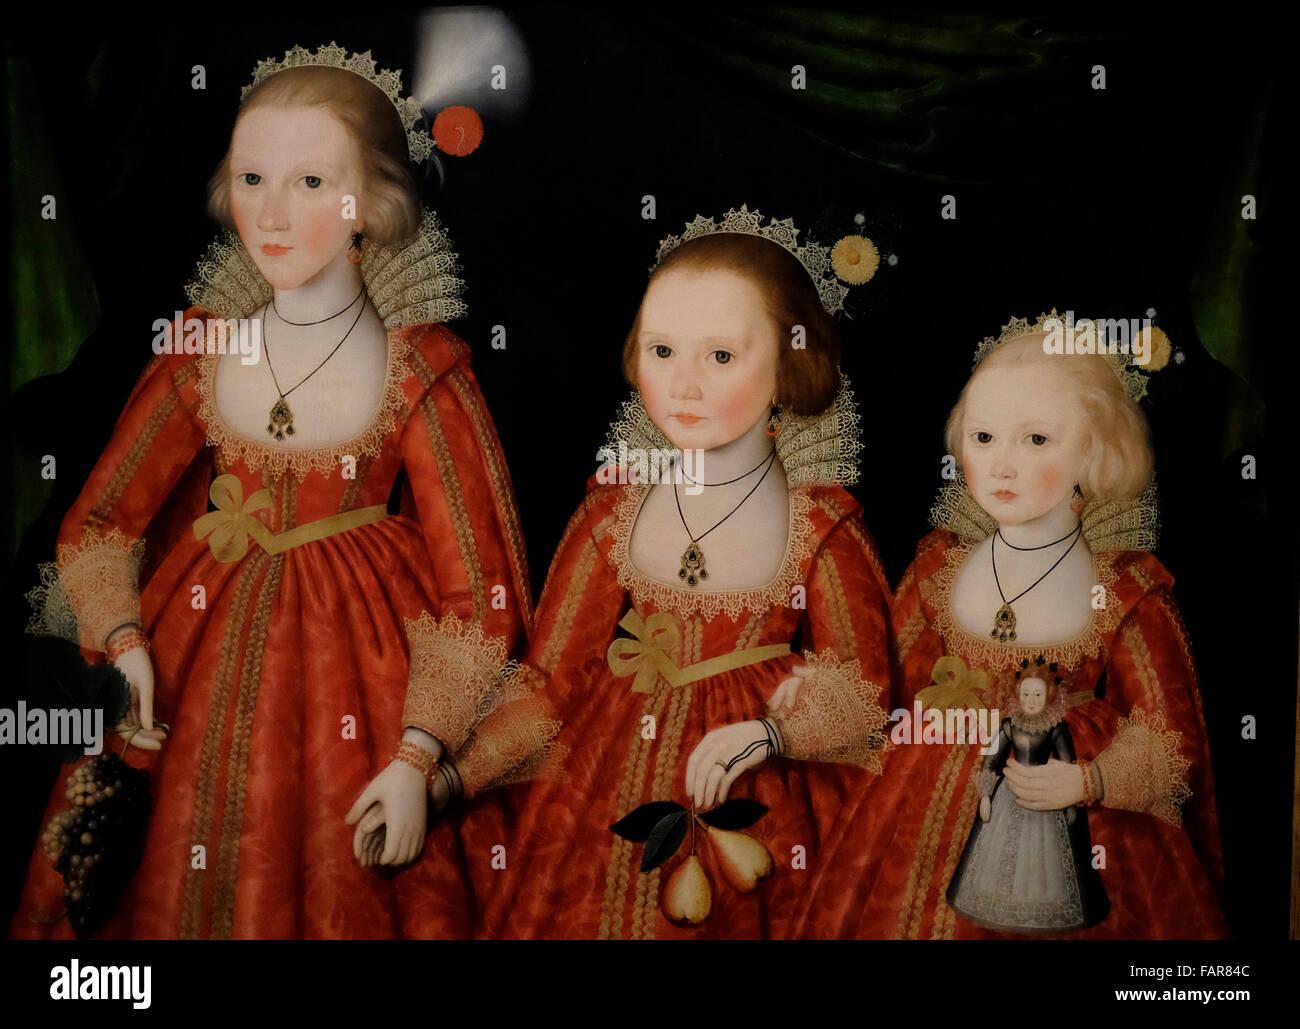 Porträt von drei Mädchen - Anhänger von William Larkin, ca. 1620 Stockbild